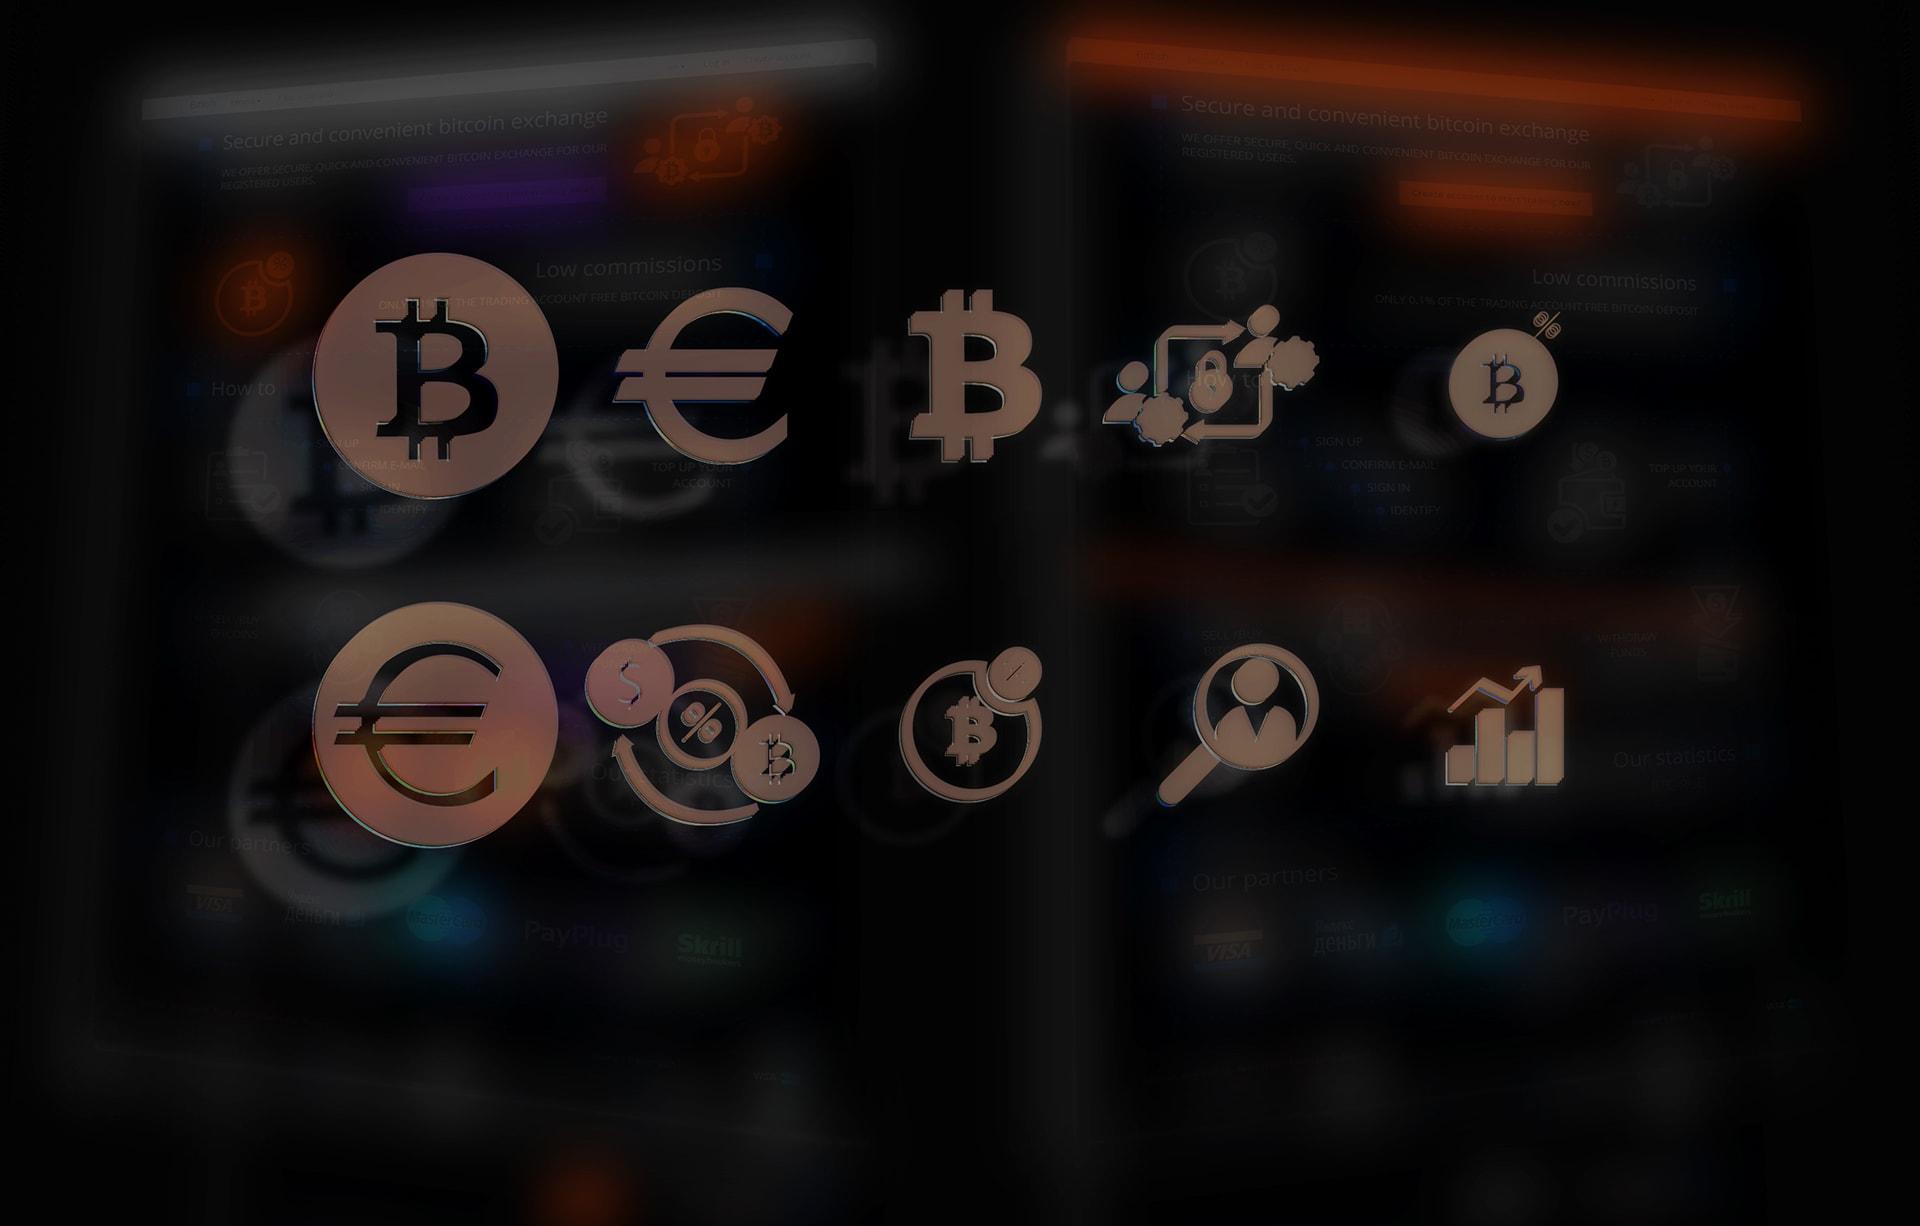 Itt egy pár online bolt, ahol bitcoinnal is tudsz fizetni